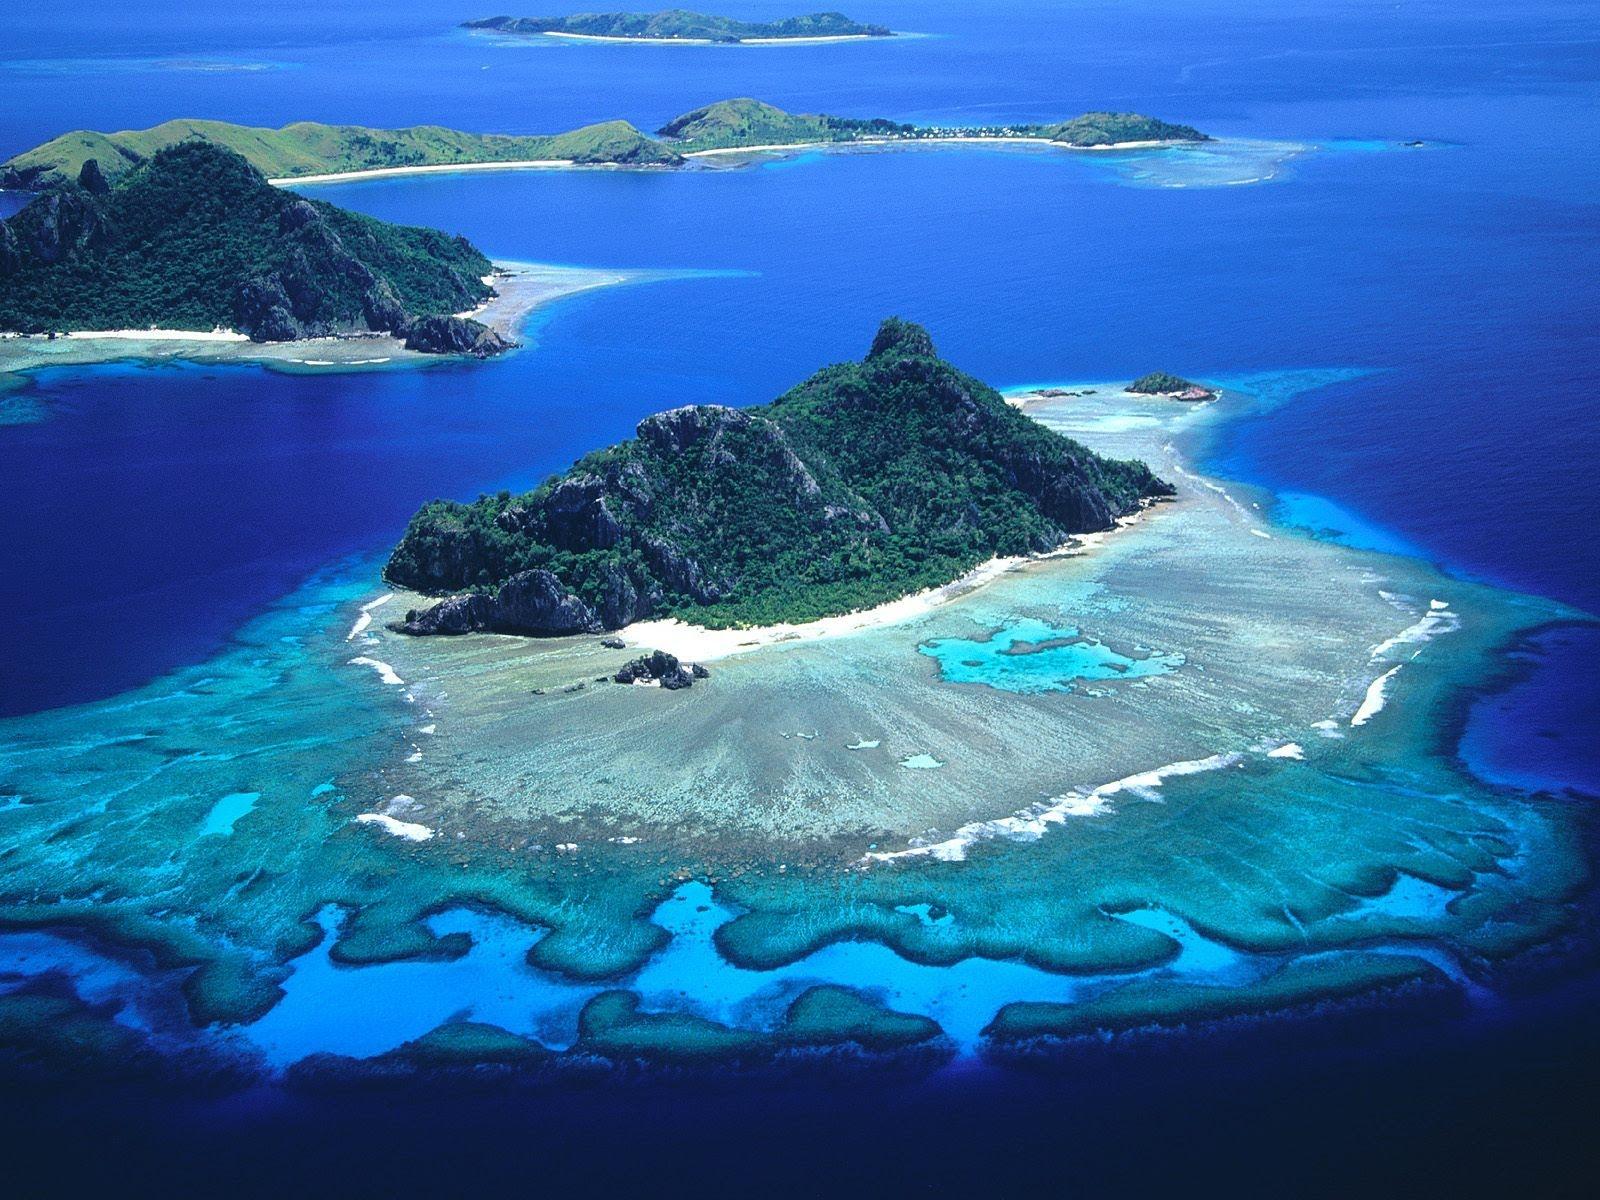 Tre delle svariate isole dell'arcipelago delle Fiji circondate dalla sabbia e dall'acqua ma ricoperte di vegetazione